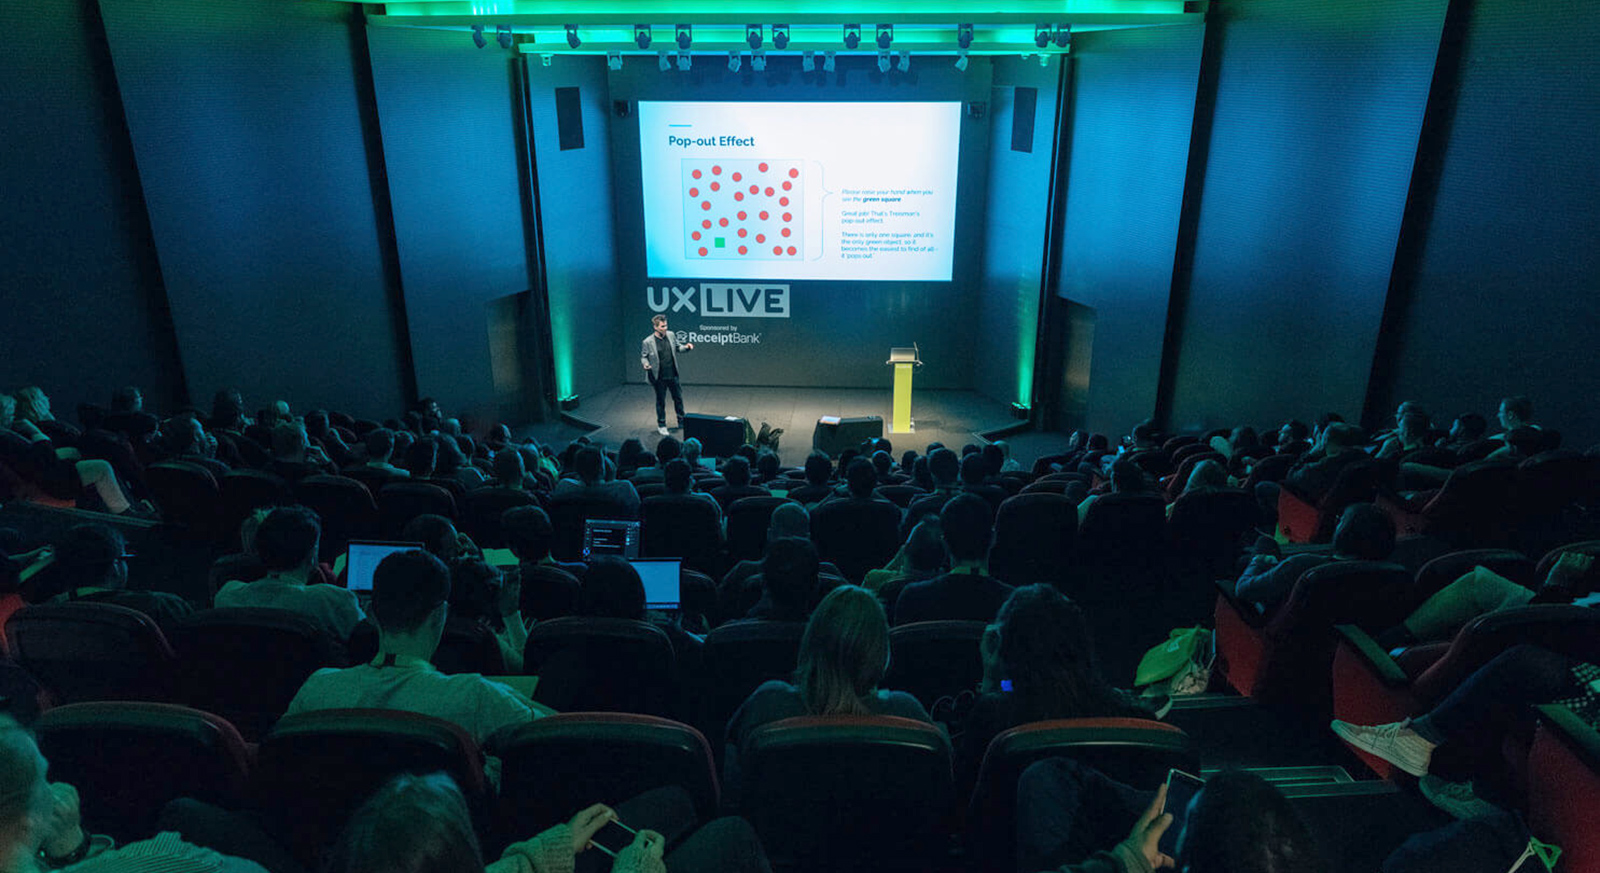 UX Live design conference 2020